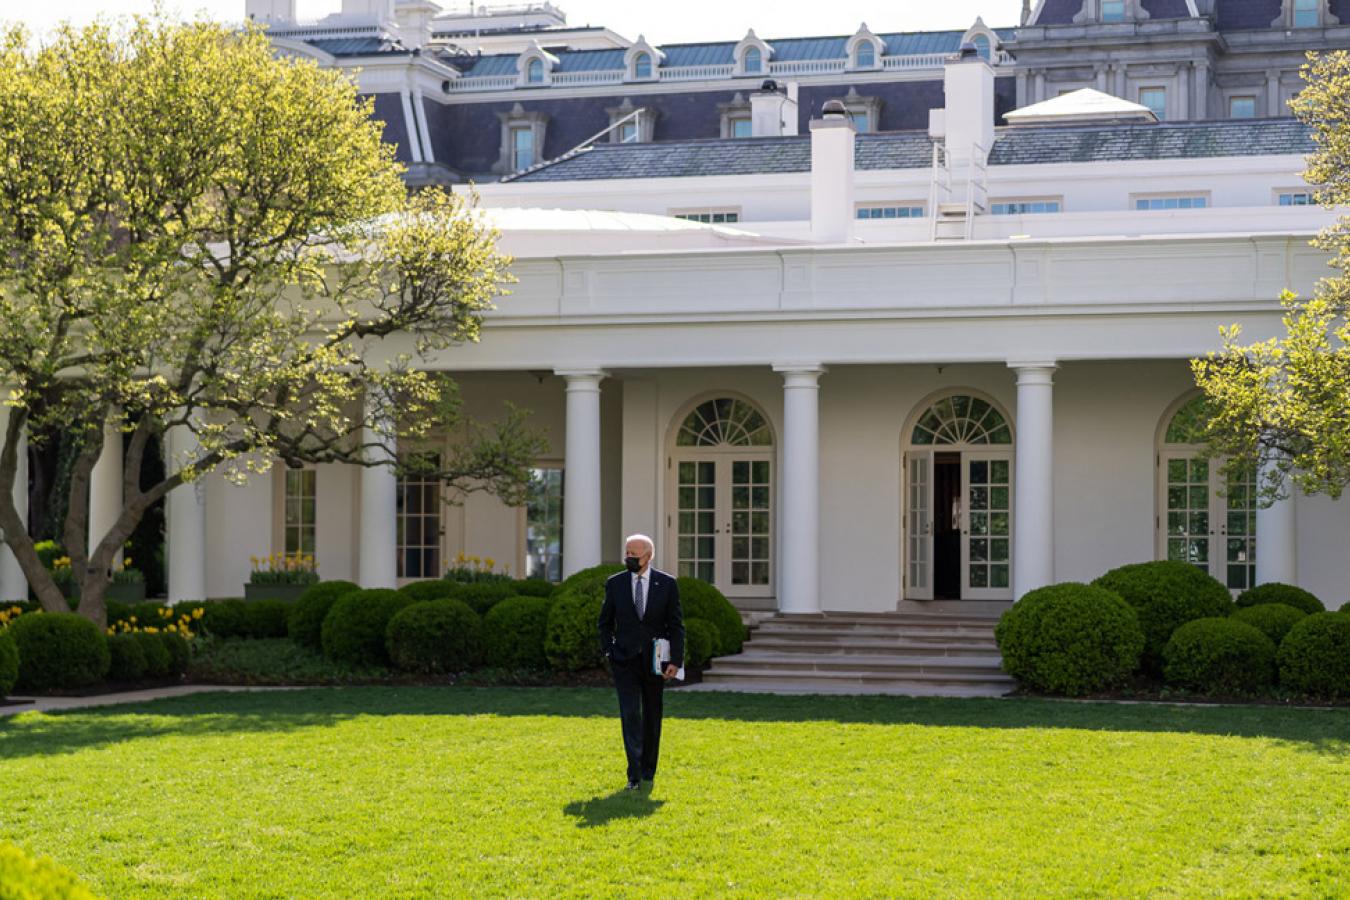 President Joe Biden walks across the Rose Garden of the White House.